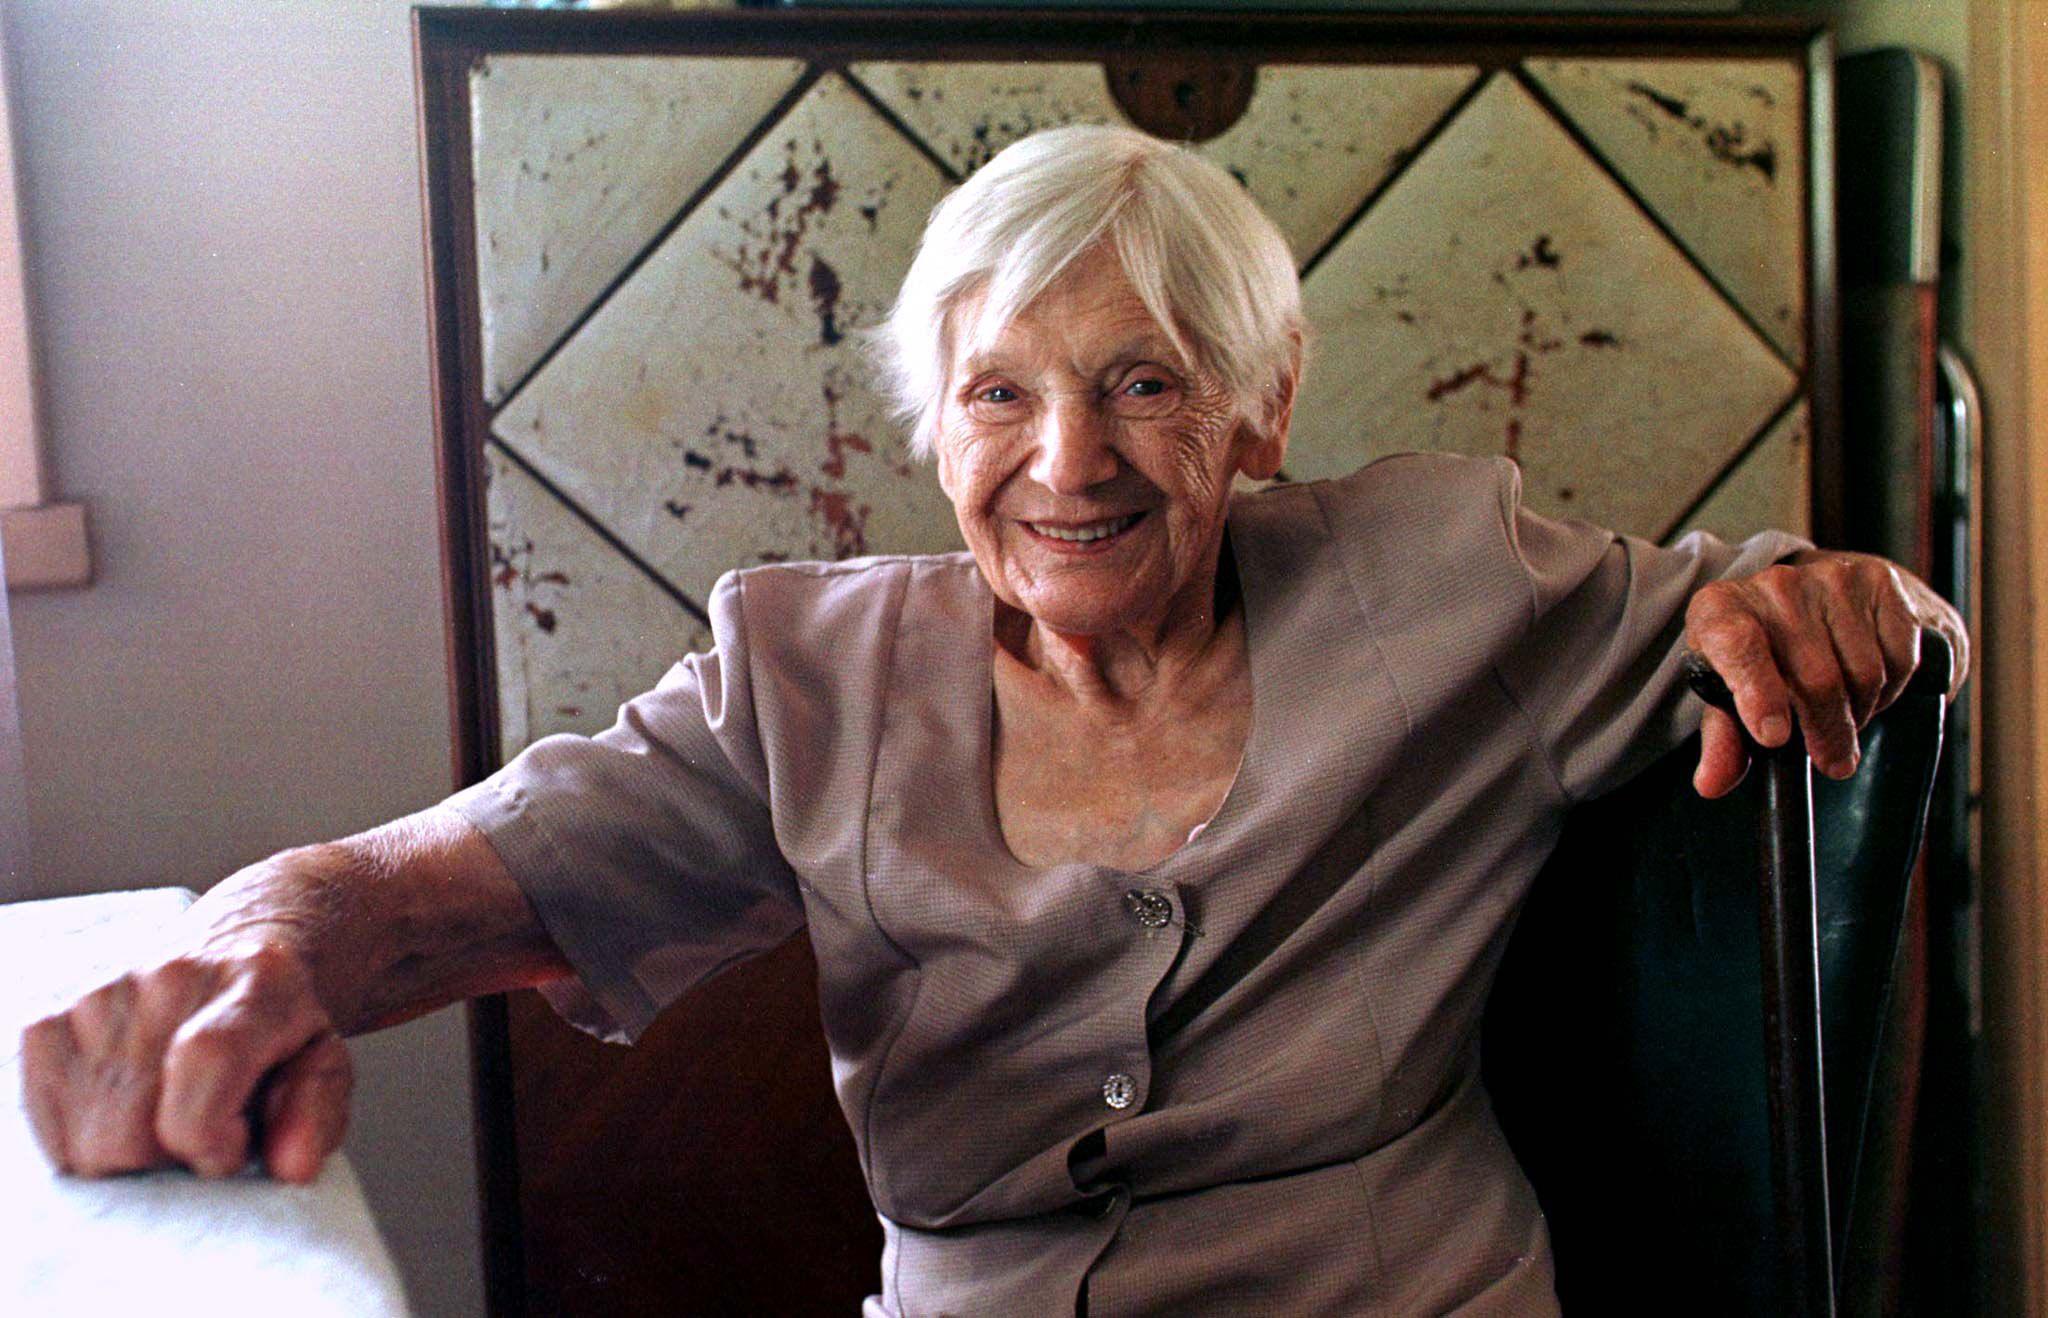 Emilie Schindler, viuda de Oskar Schindler, en una foto de febrero de 1998 en su casa en las afueras de Buenos Aires. Emilie murió el 5 de octubre de 2001 a los 94 años (REUTERS/Rickey Rogers/archivo)